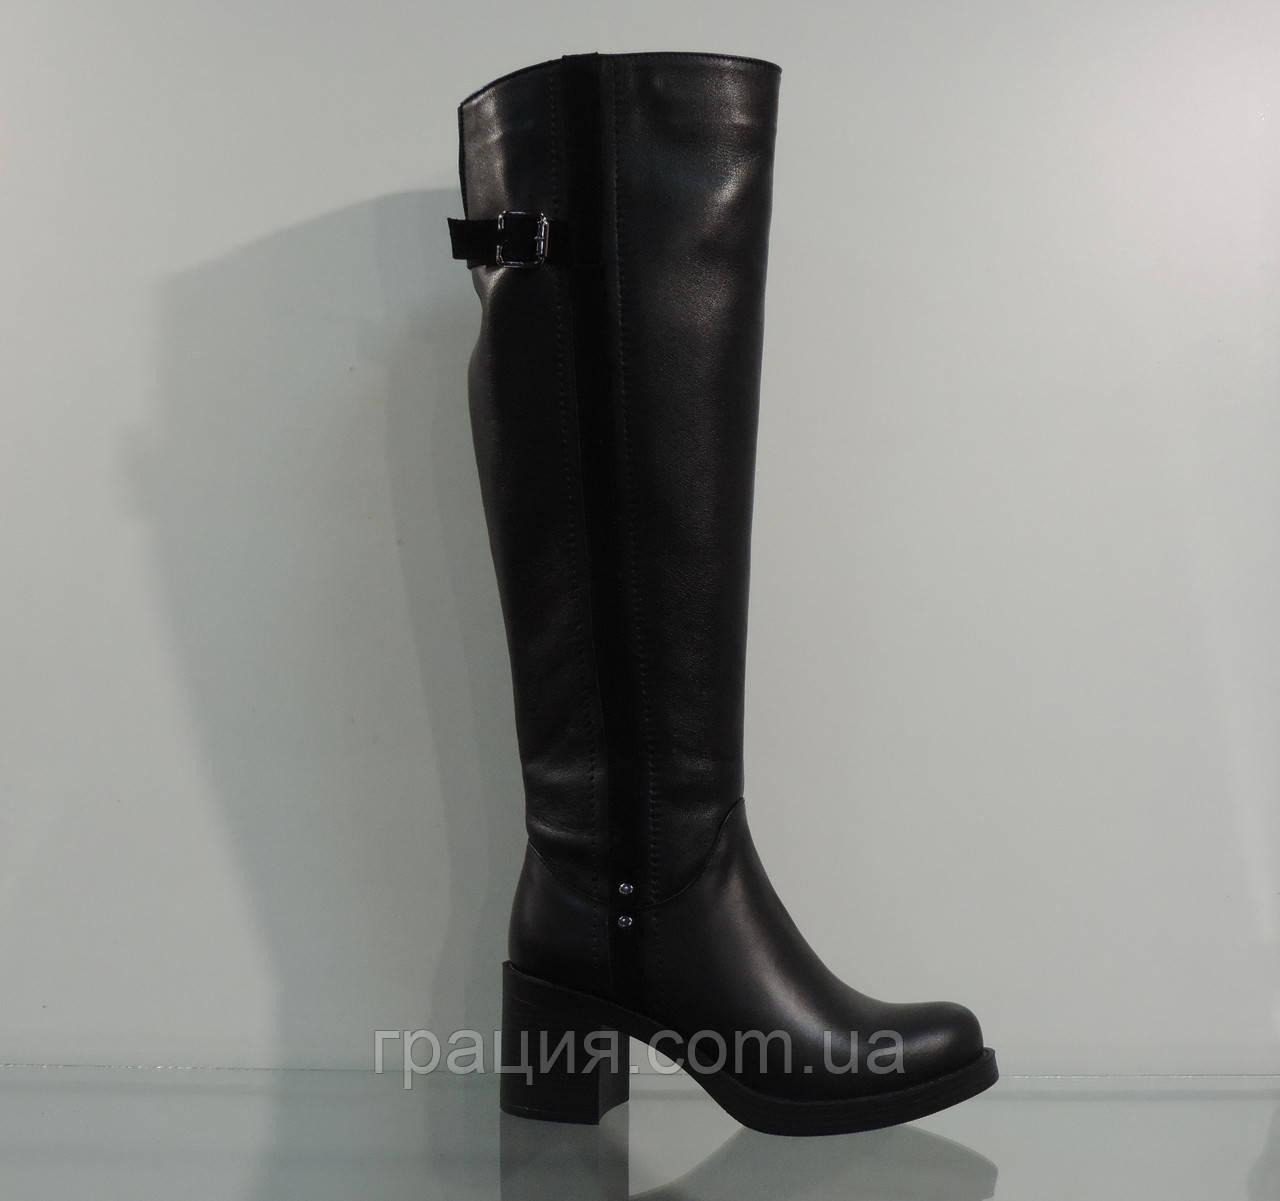 Модные кожаные женские зимние сапожки на каблуке